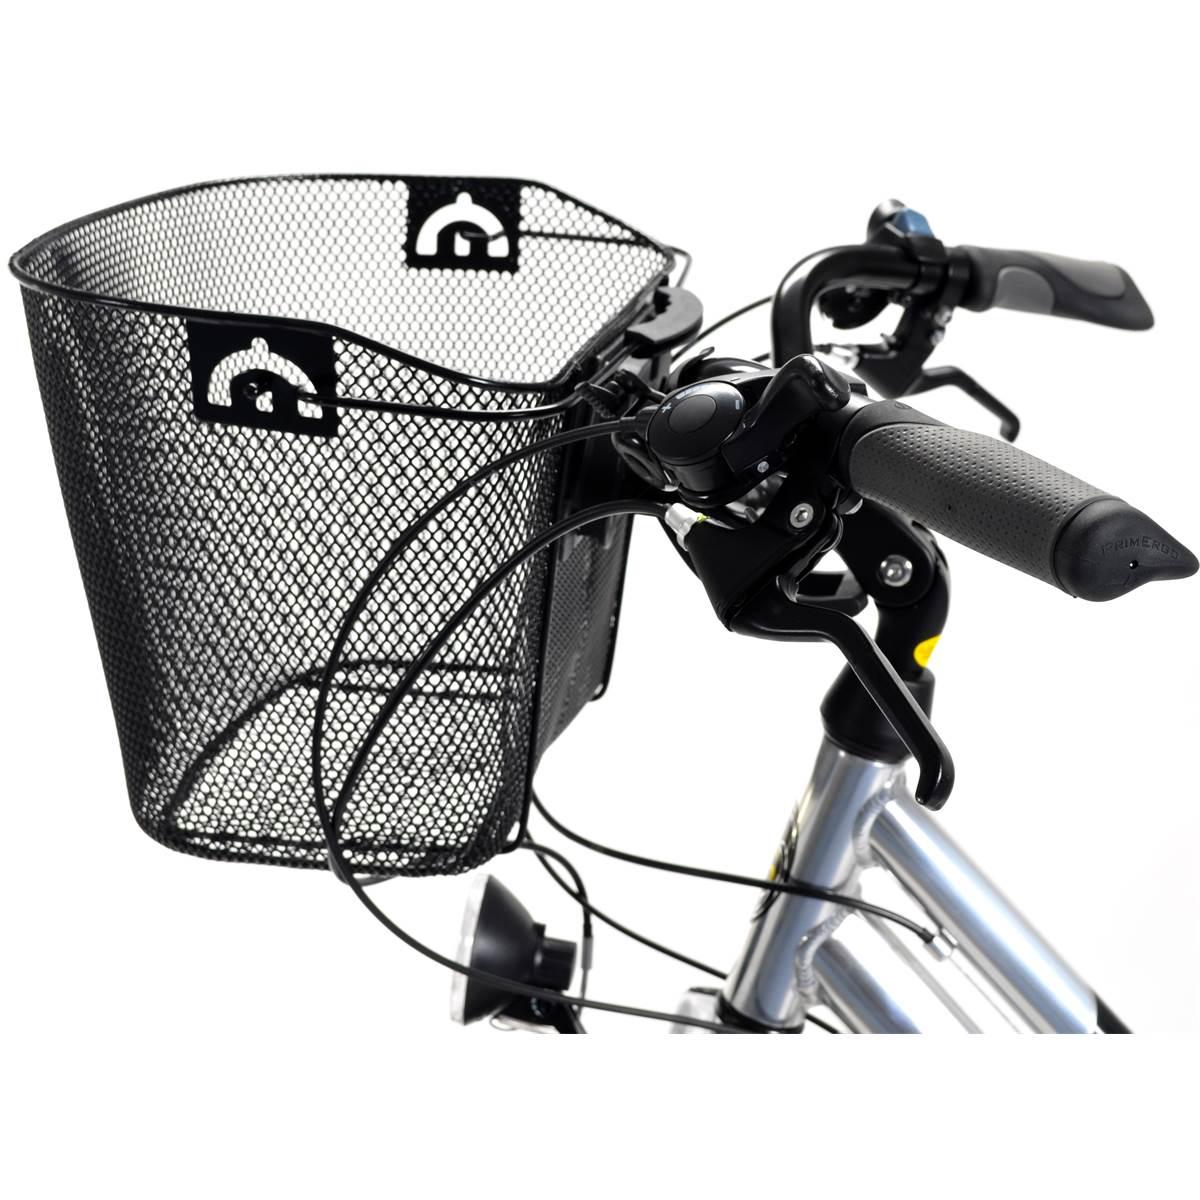 Panier en acier noir pour fixation à l'avant du vélo Oxus